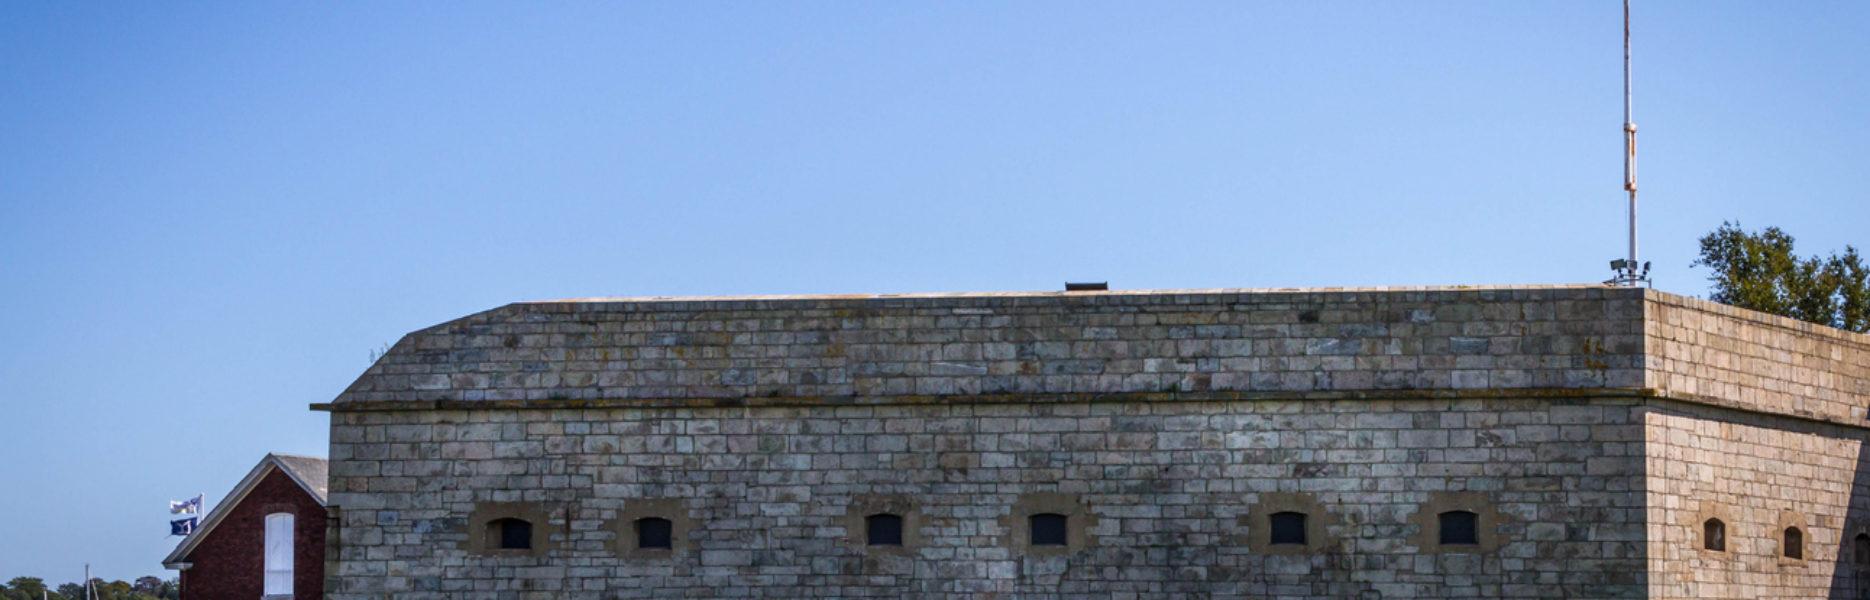 Newport, RI Harbor Sights: Spotlight on Fort Adams